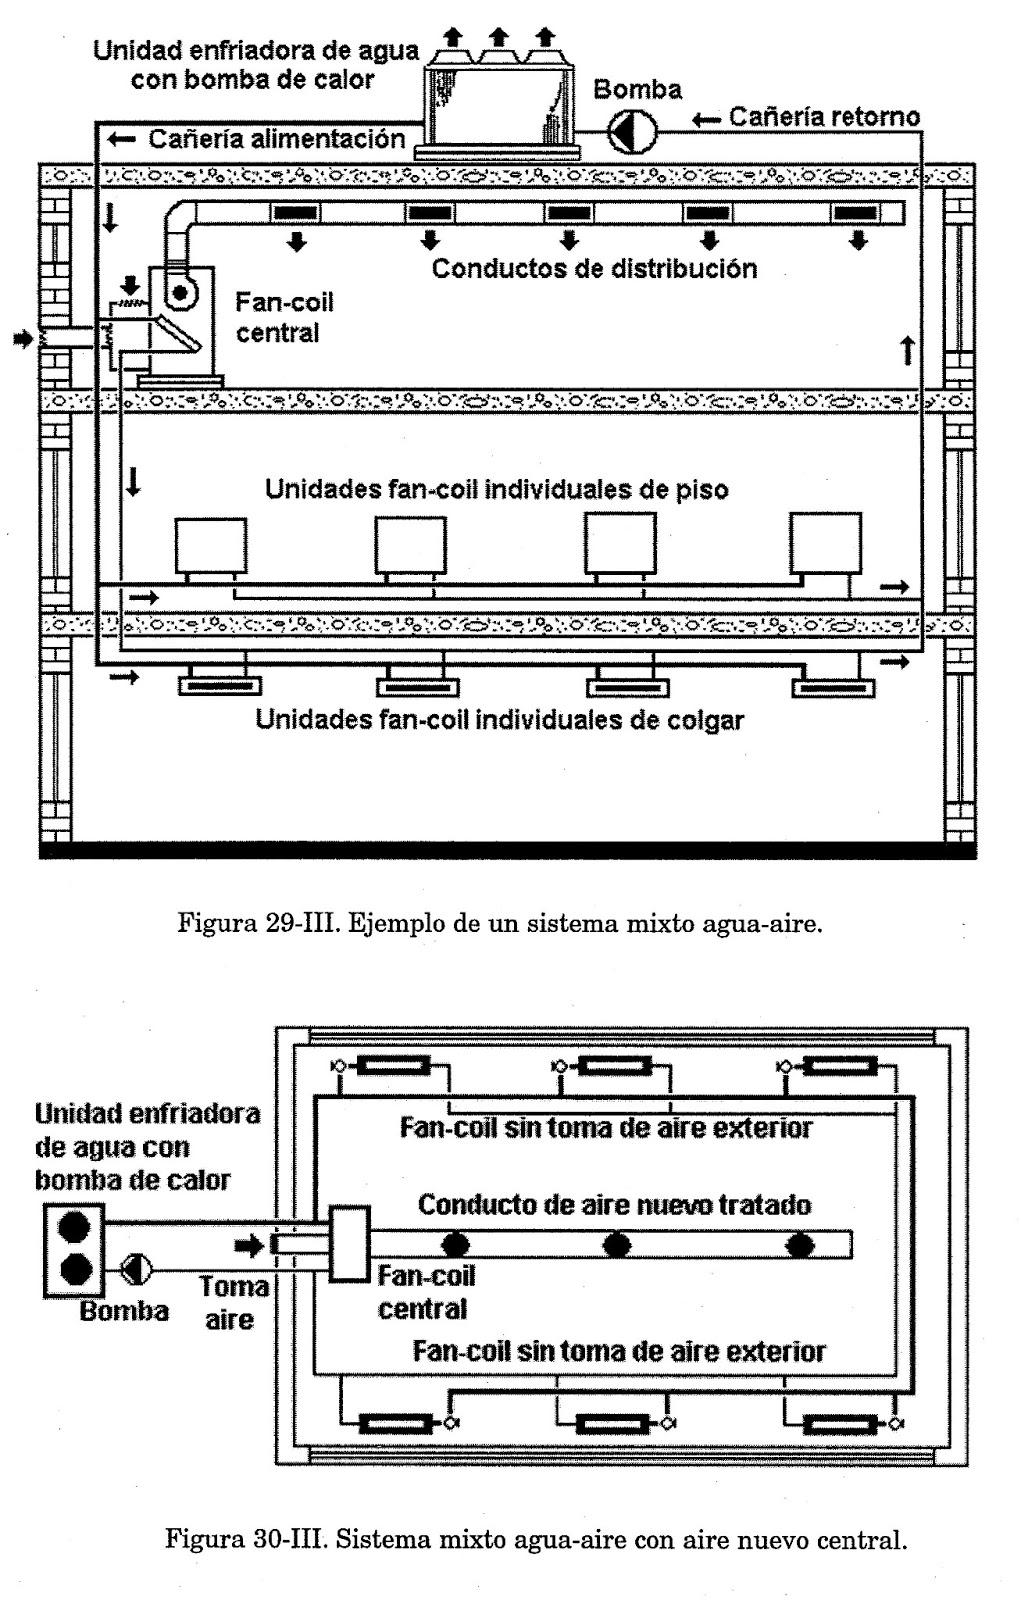 Circuito Hidraulico Mixto : Acondicionamiento termico en la arquitectura: sistema mixto de